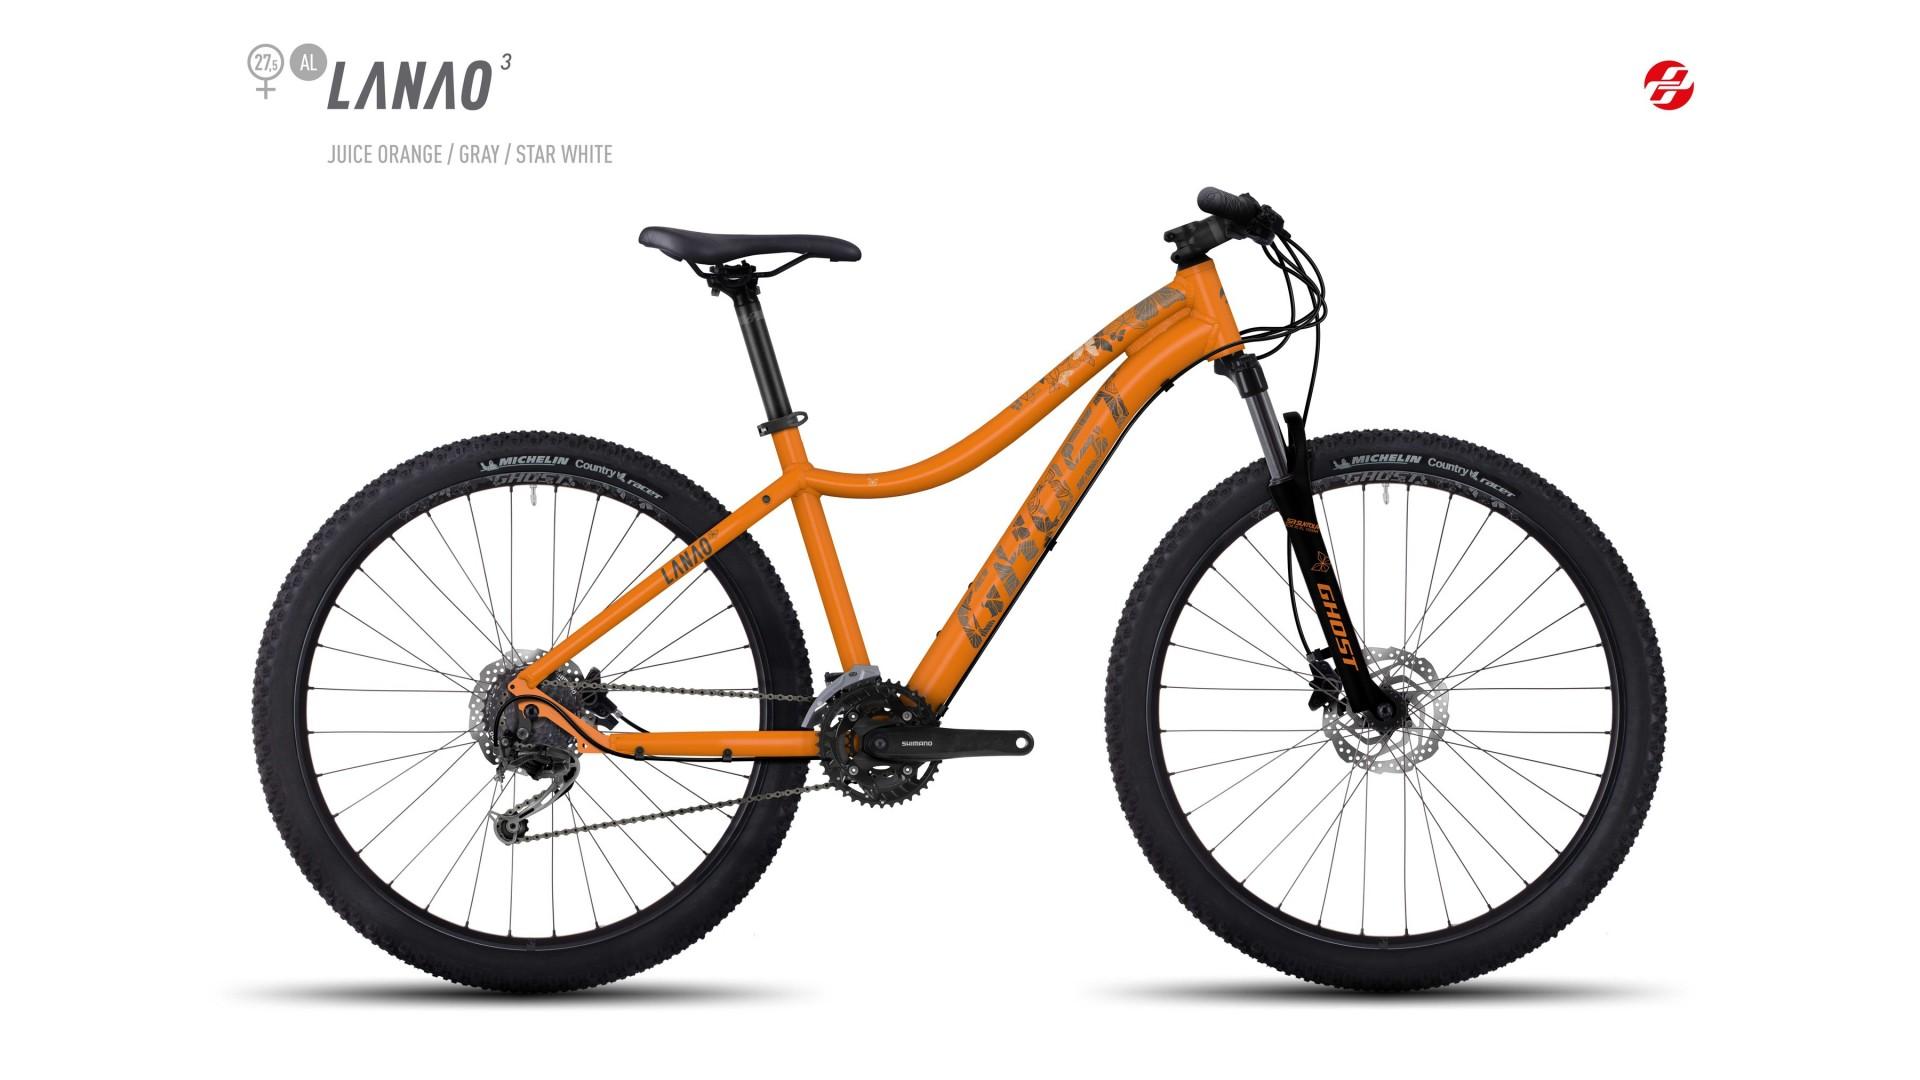 Велосипед GHOST Lanao 3 AL 27.5 juiceorange/grey/starwhite год 2017